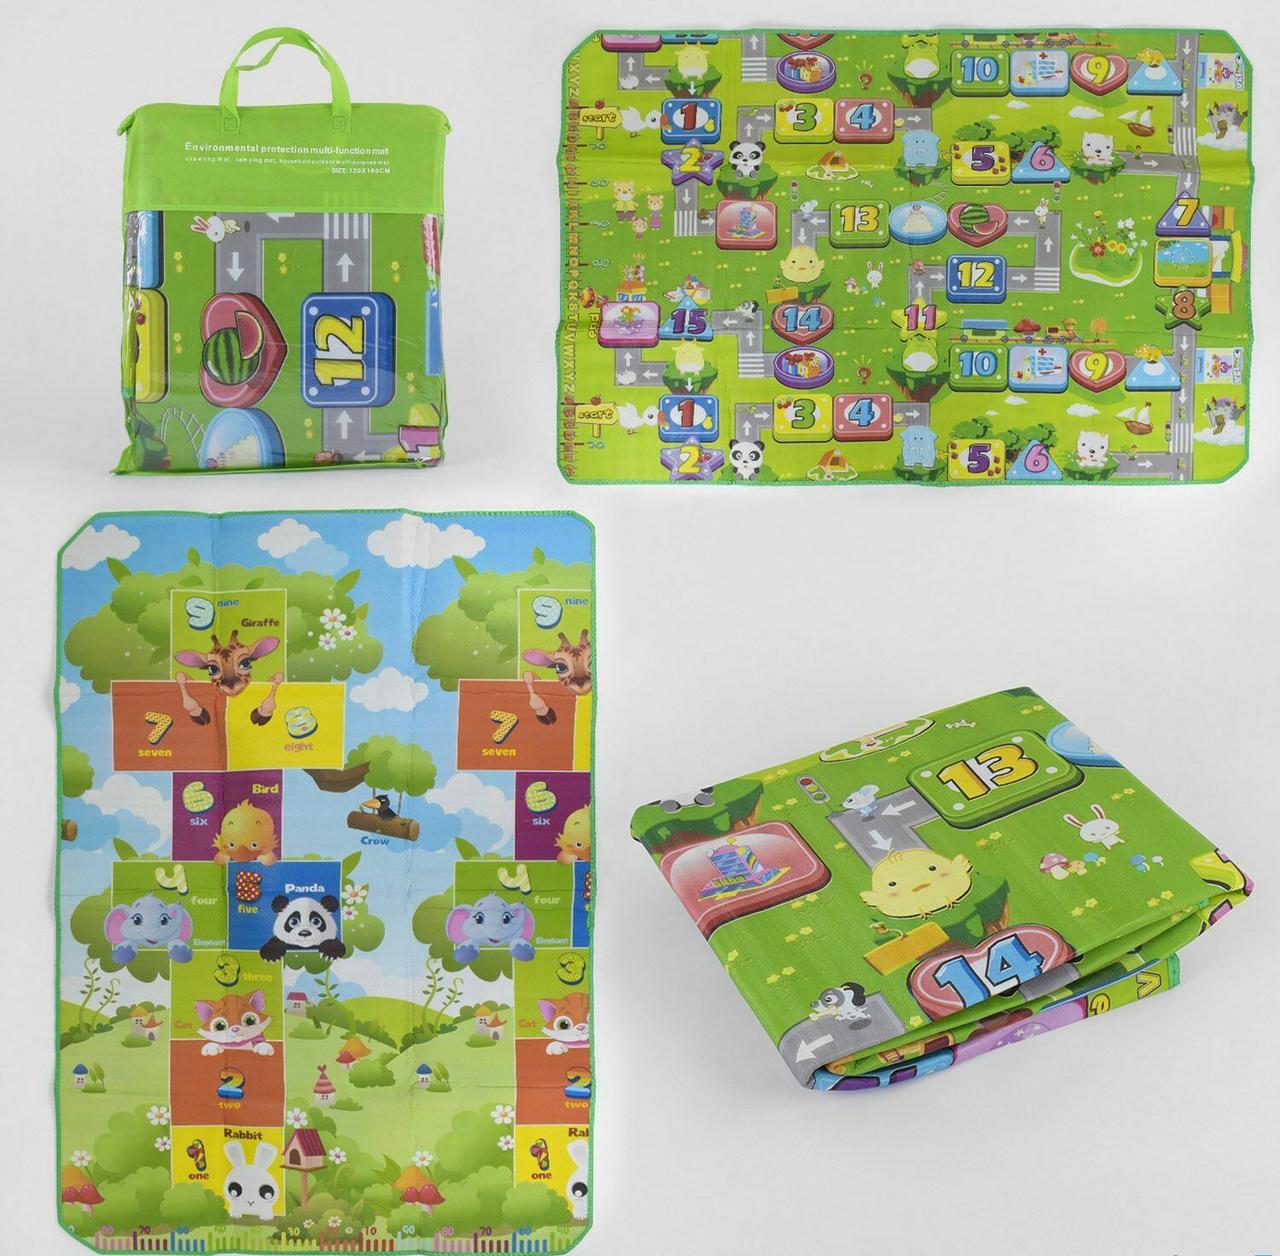 Двухсторонний термоковрик для детей от 6-ти месяцев D- 00788 EVA упакован в сумку, размер 180х120 см